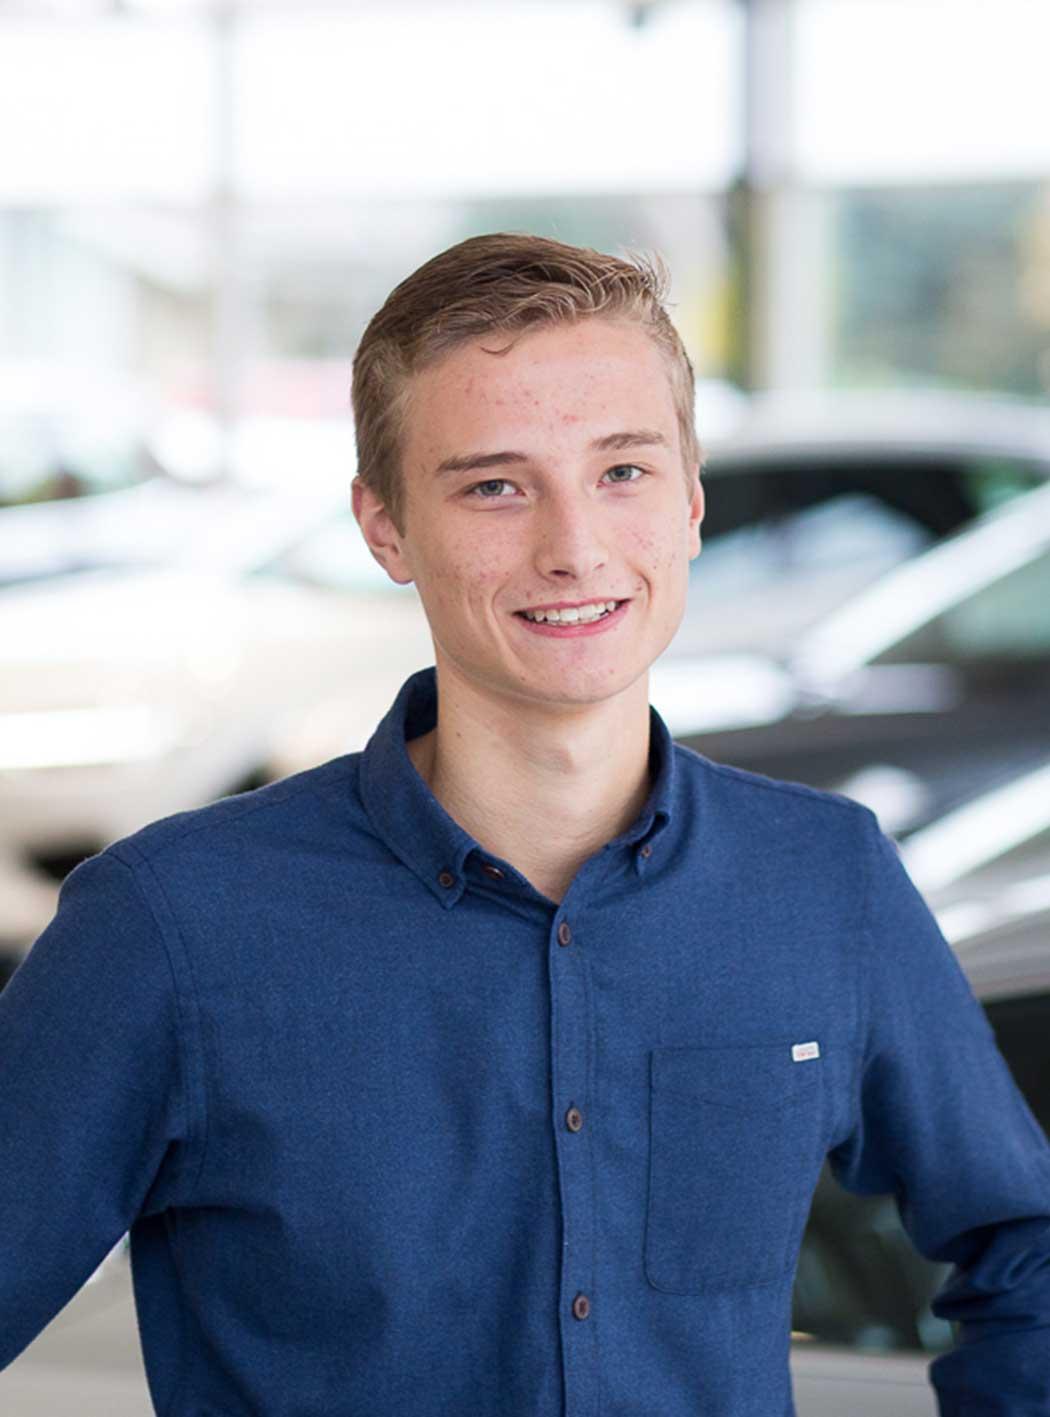 Joost Cornelisse